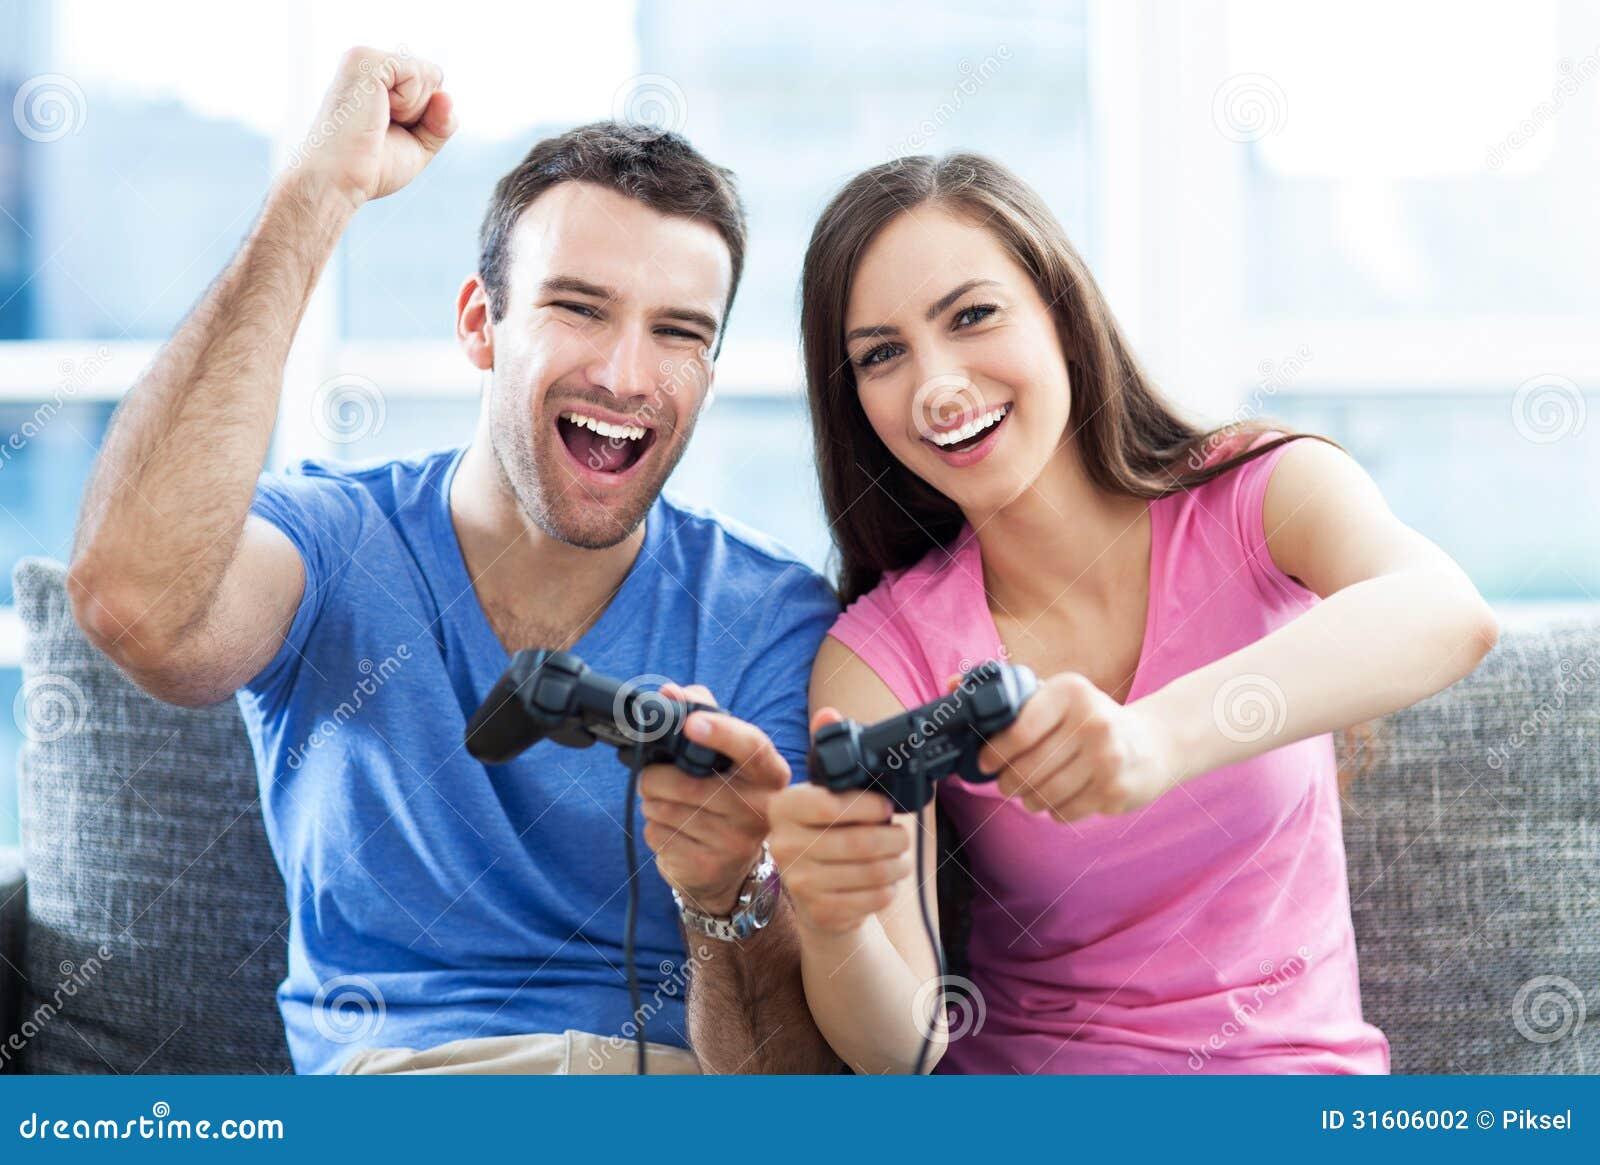 Webcam chat couple